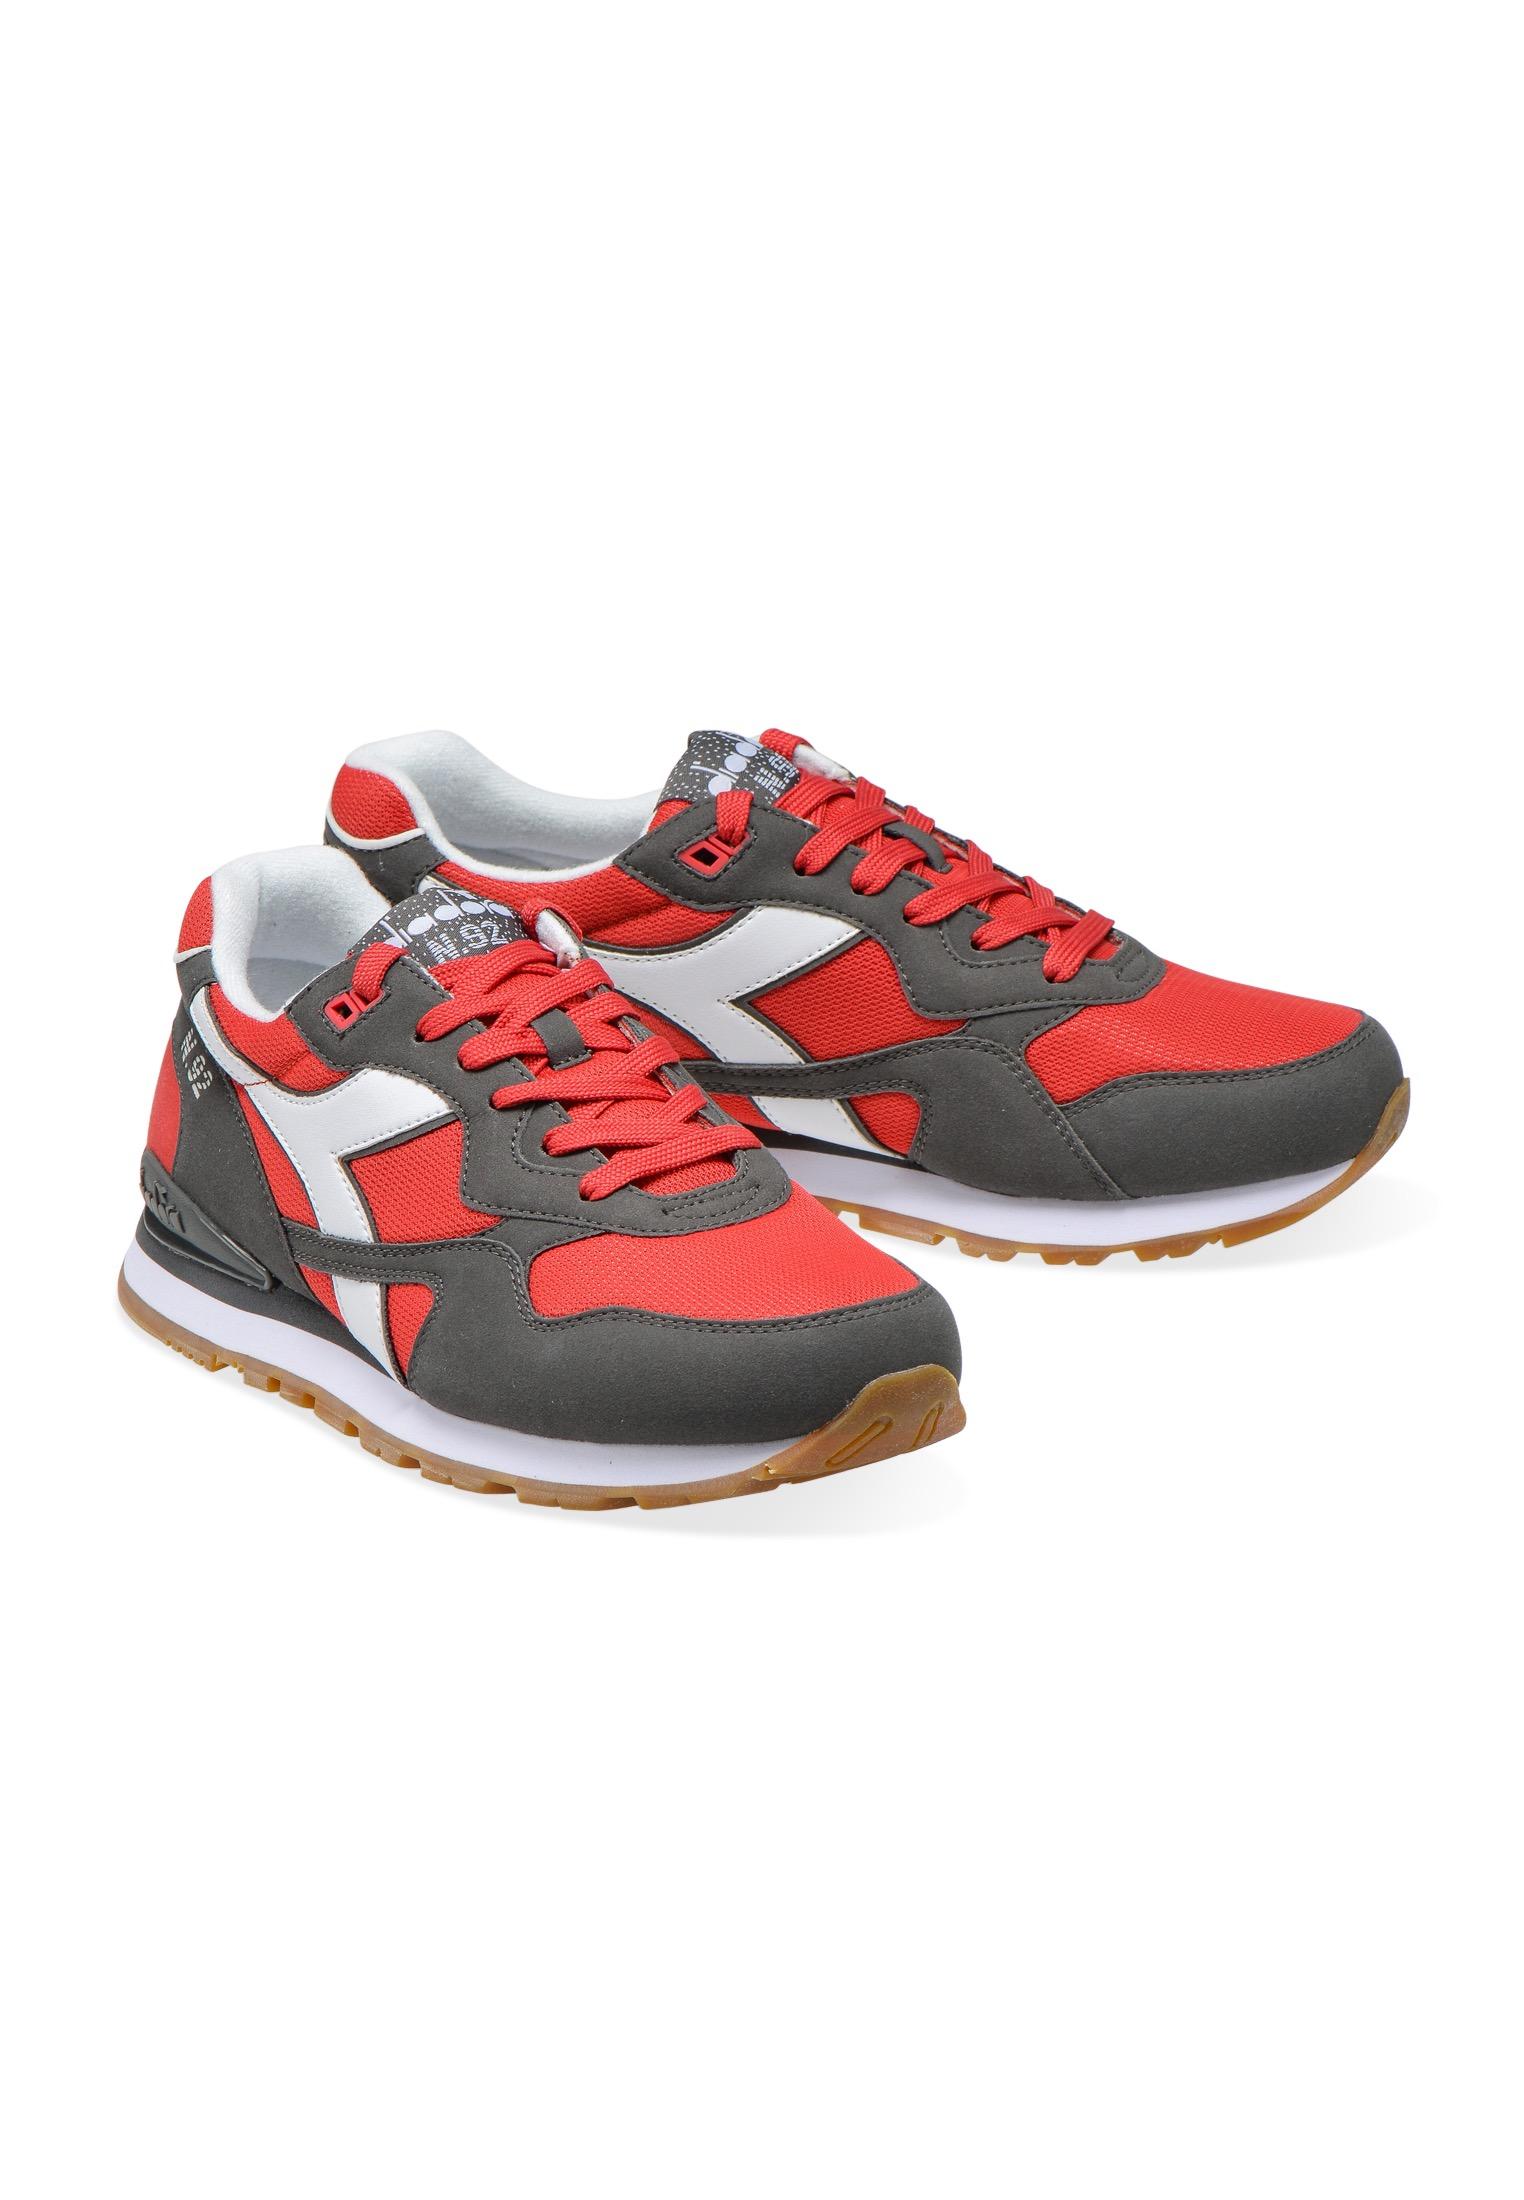 miniatura 11 - Diadora - Sneakers N.92 per uomo e donna